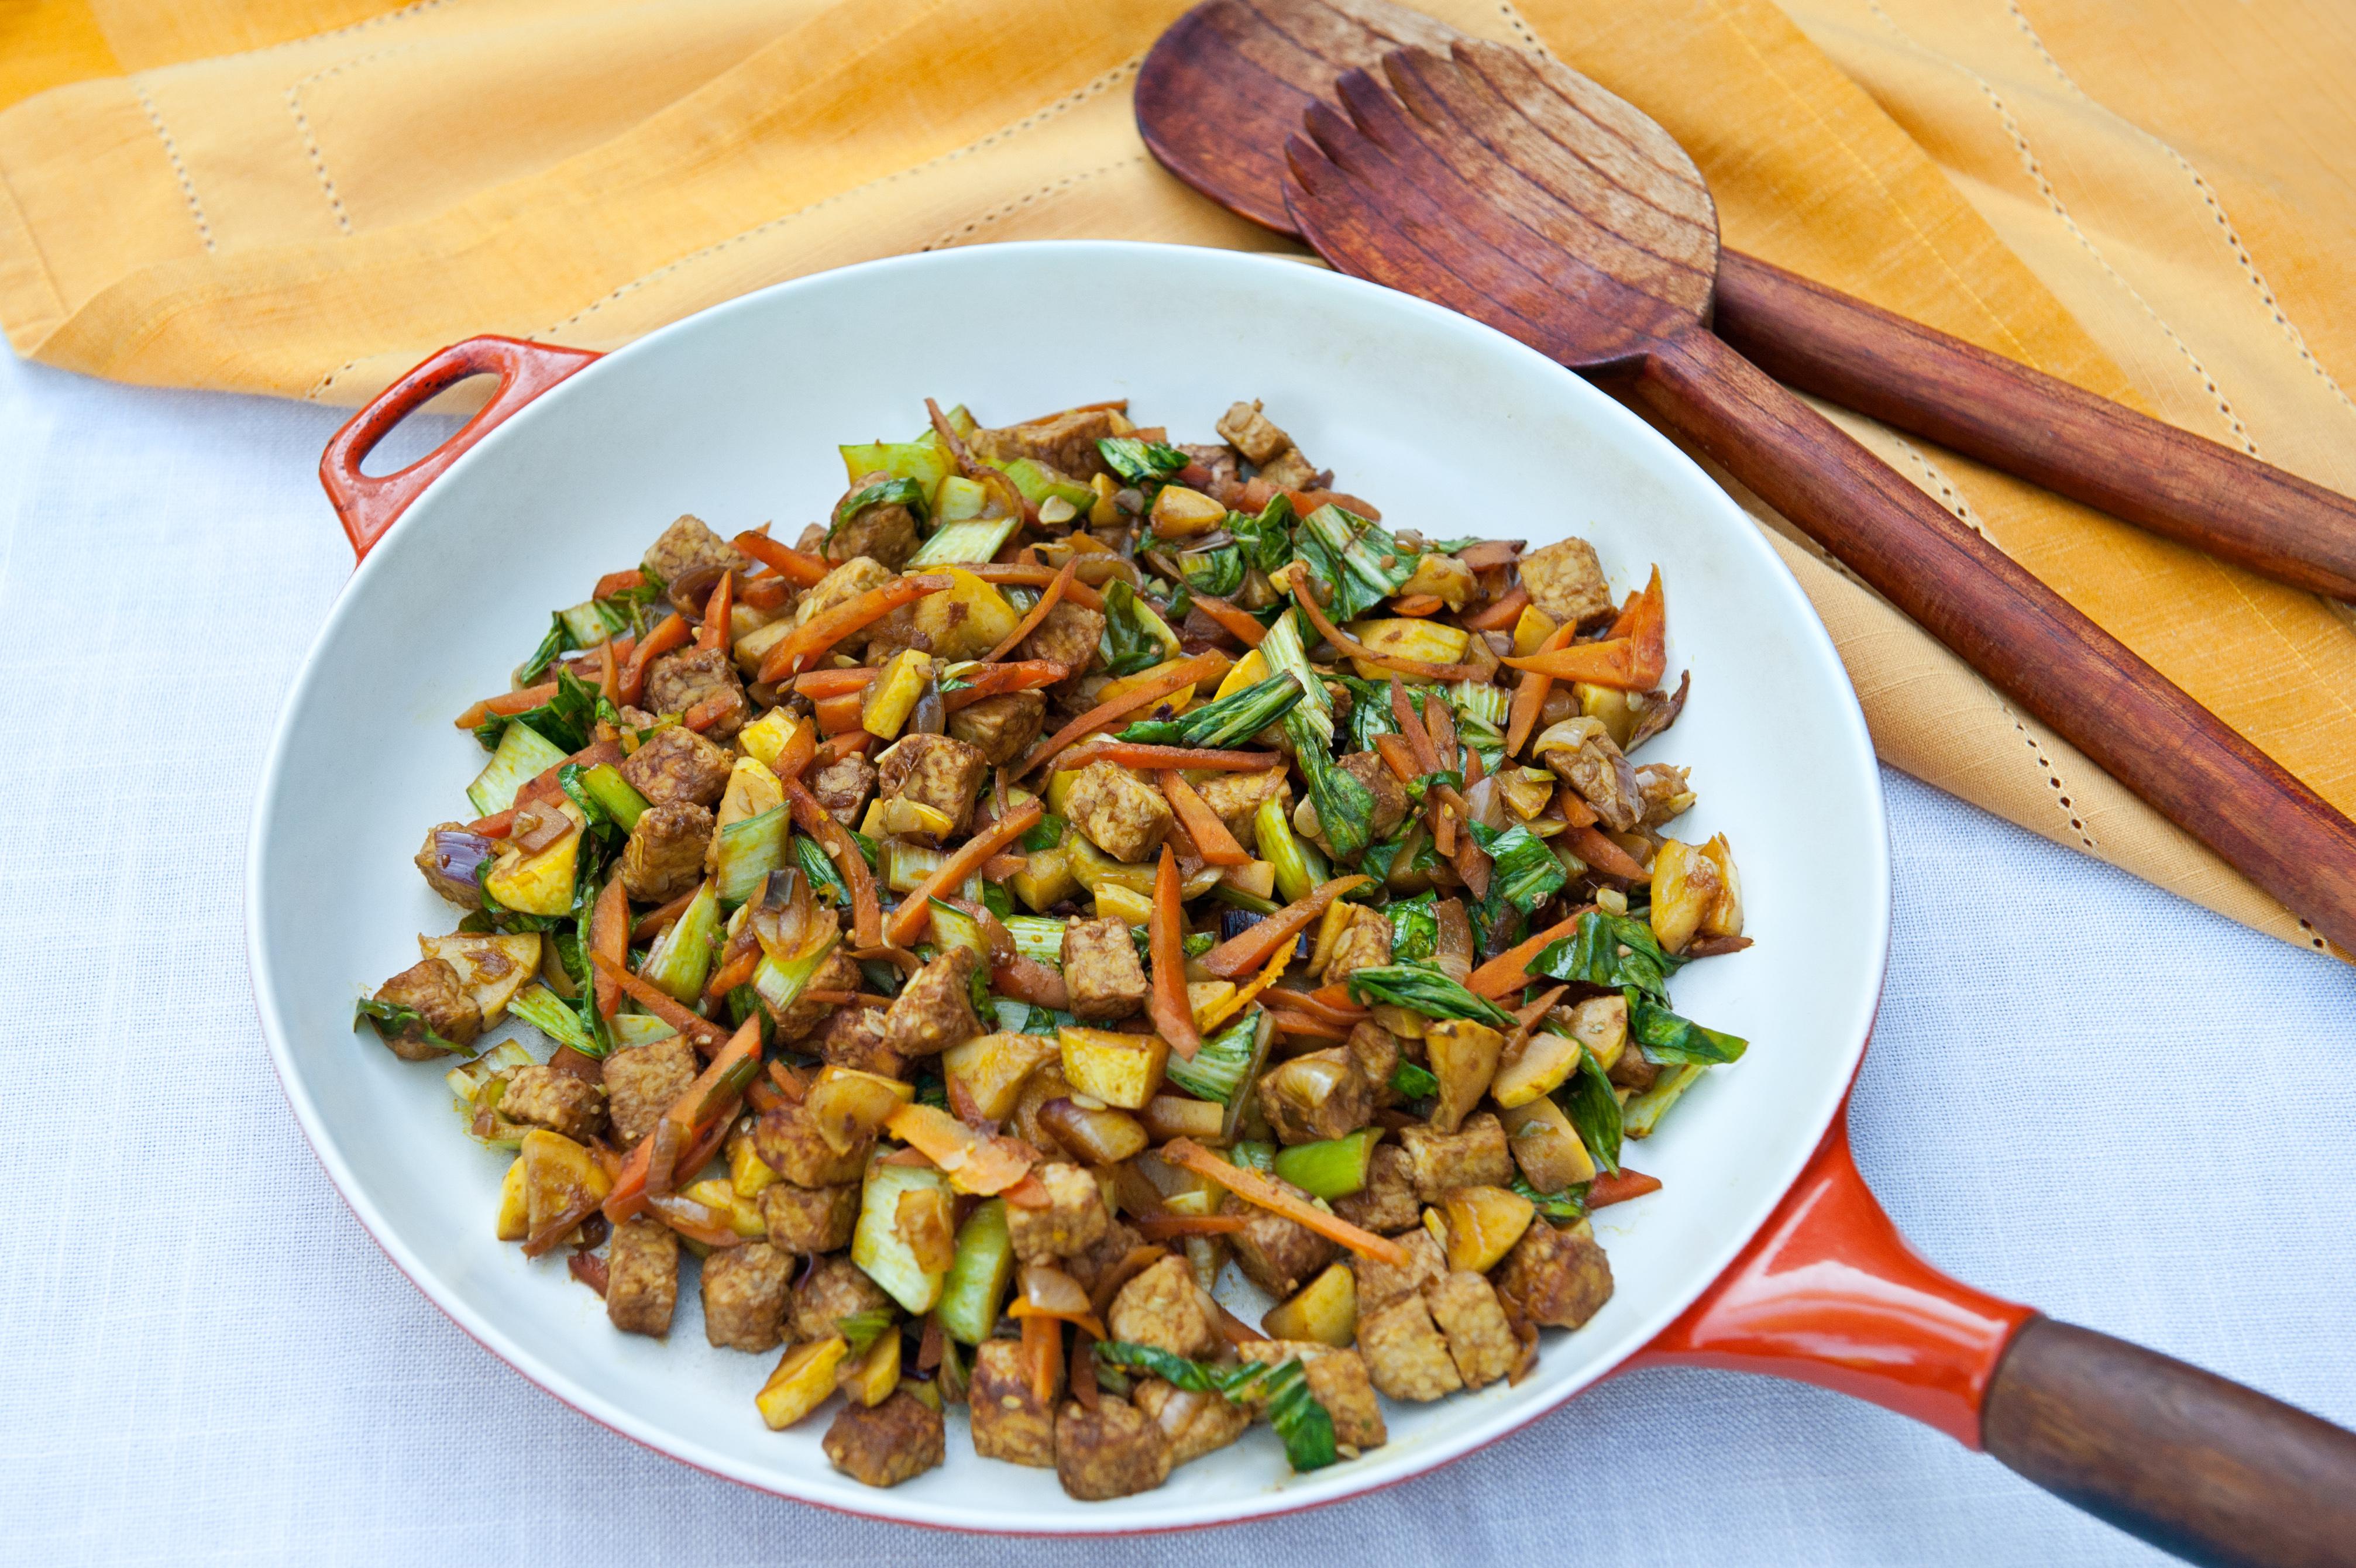 Ginger Vegetable Tempeh Stir Fry